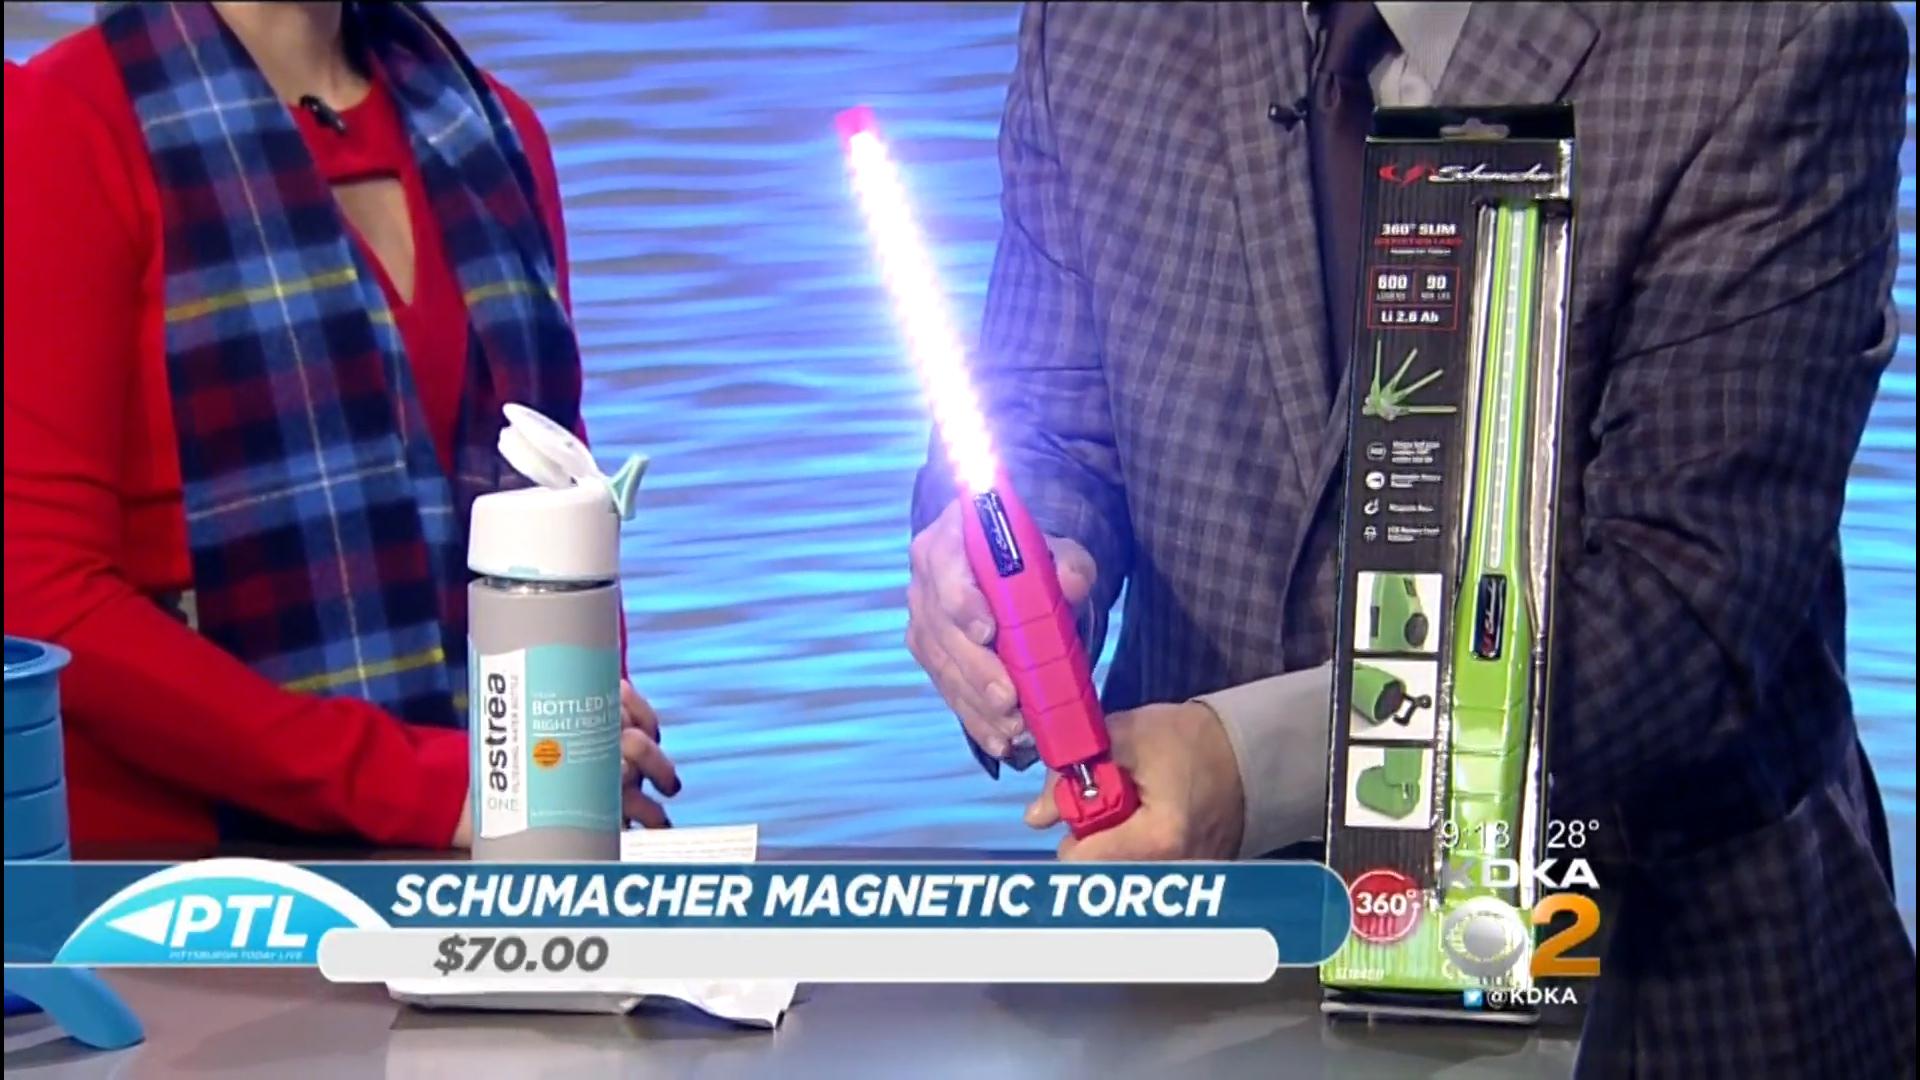 SCHUMACHER SL184GU MAGNETIC TORCH - $70.00Shop Now